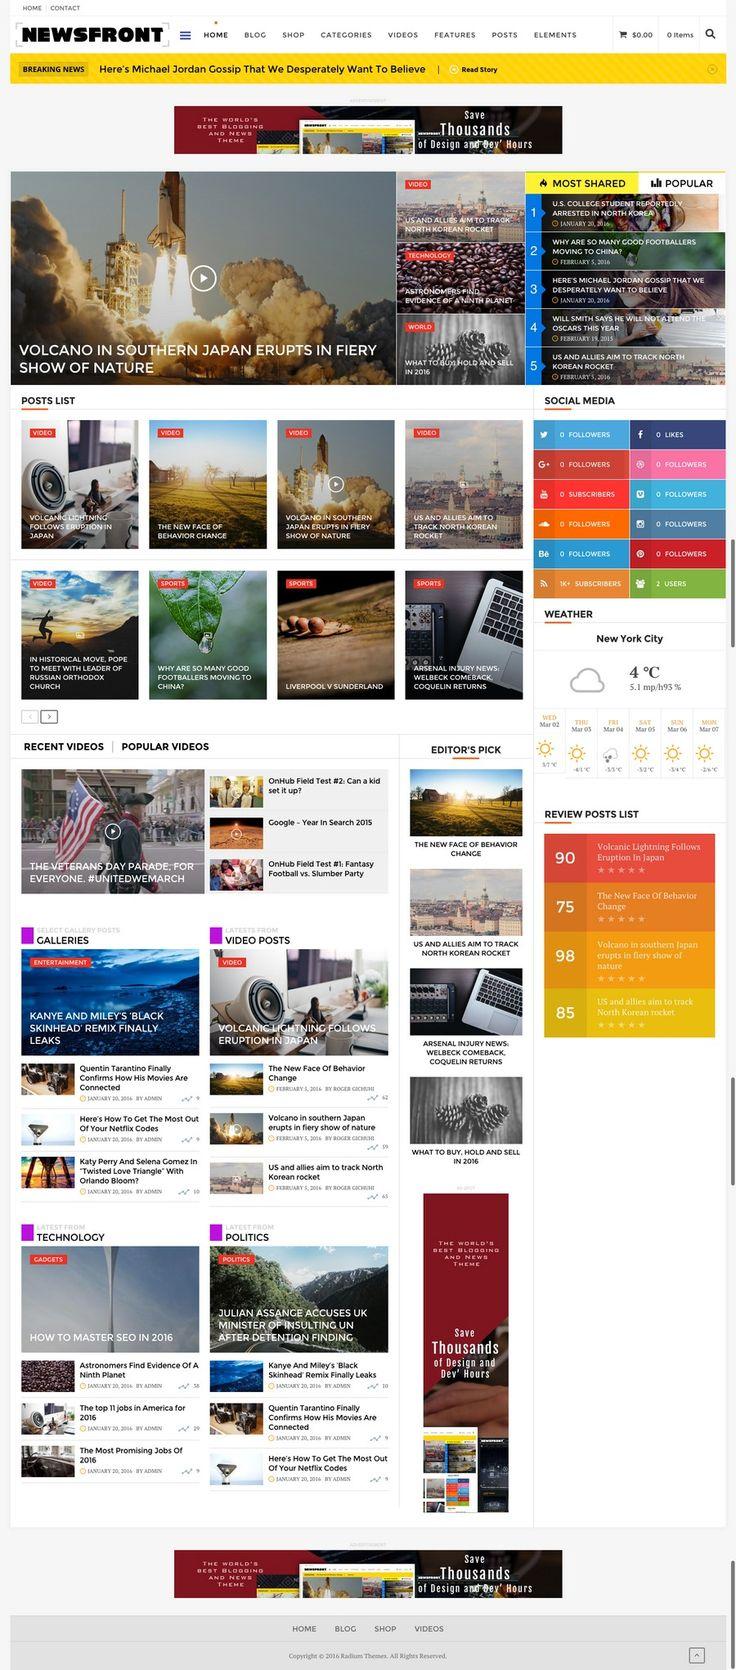 125 best news website images on Pinterest | Website designs, Design ...